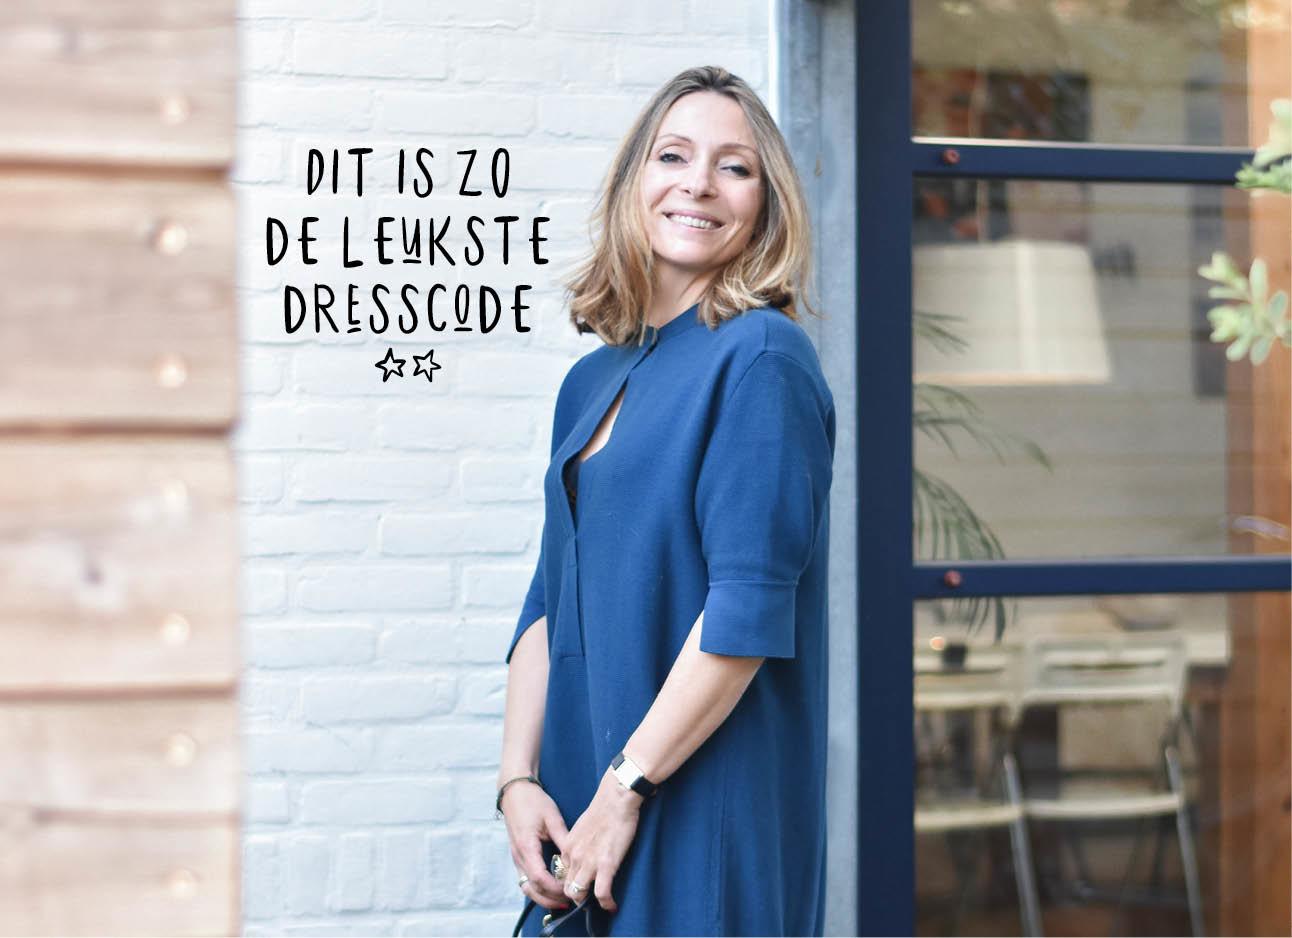 may-britt lachend in een donker blauwe jurk voor de pilotstudio